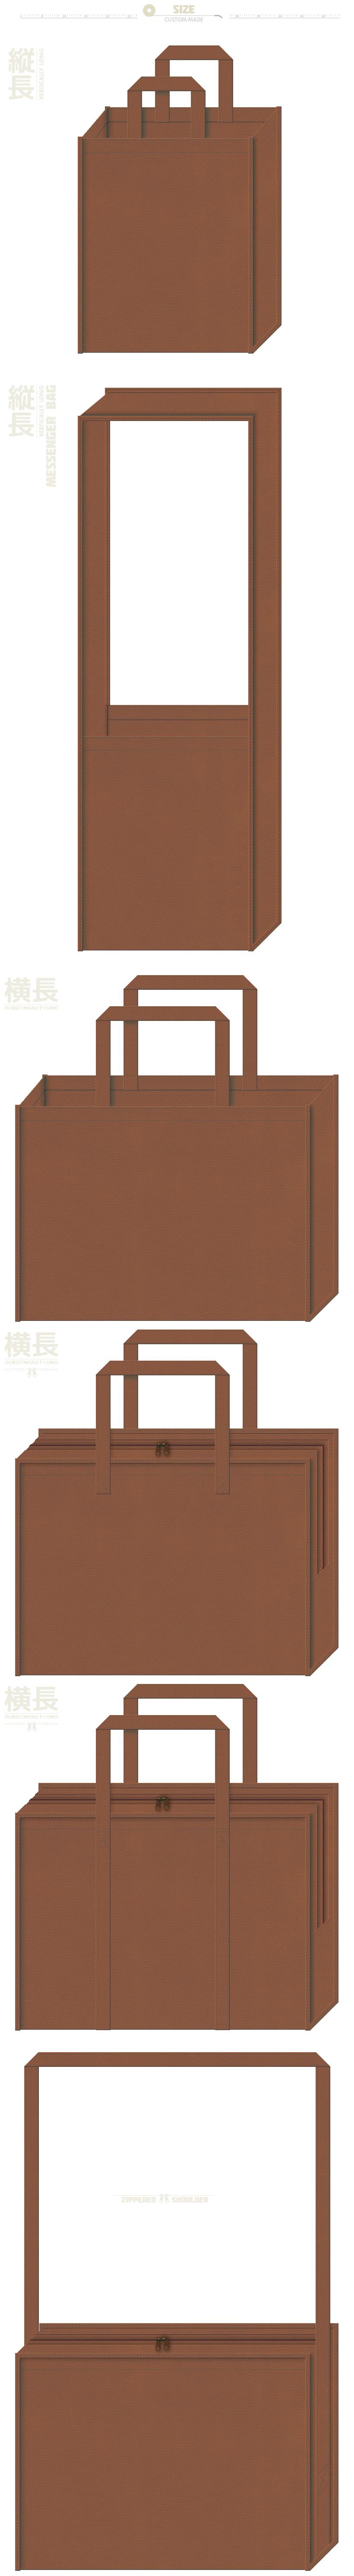 No.7 コーヒーブラウンカラーの不織布トートバッグ(バイアス巻き縫製)